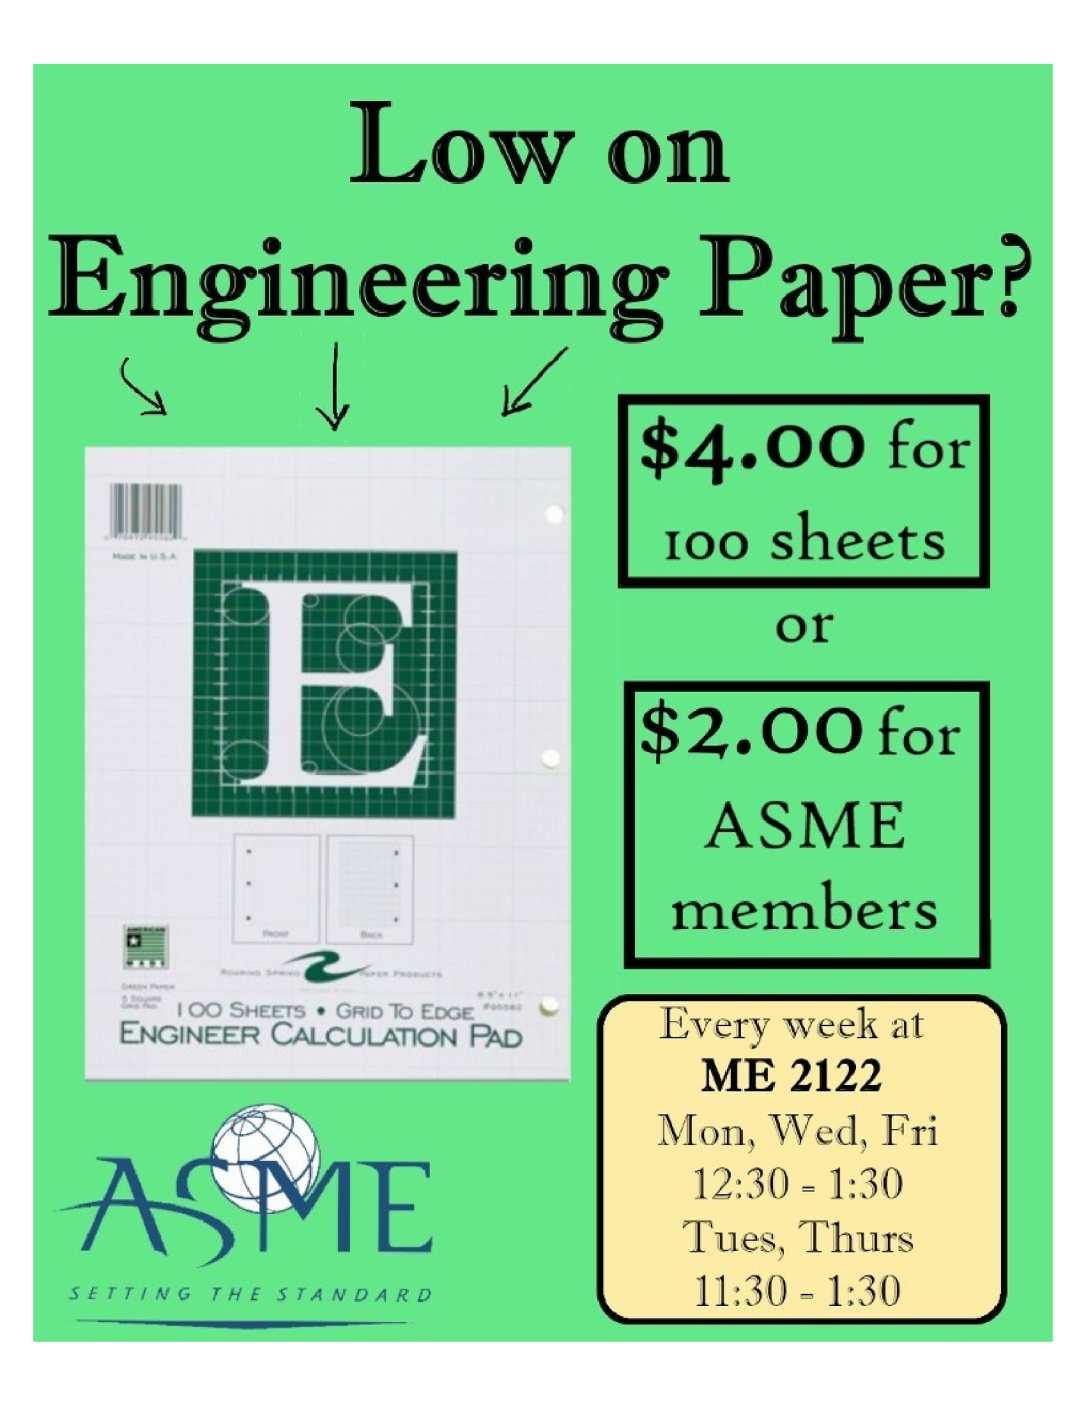 Engineering Paper Flyer (2)-1